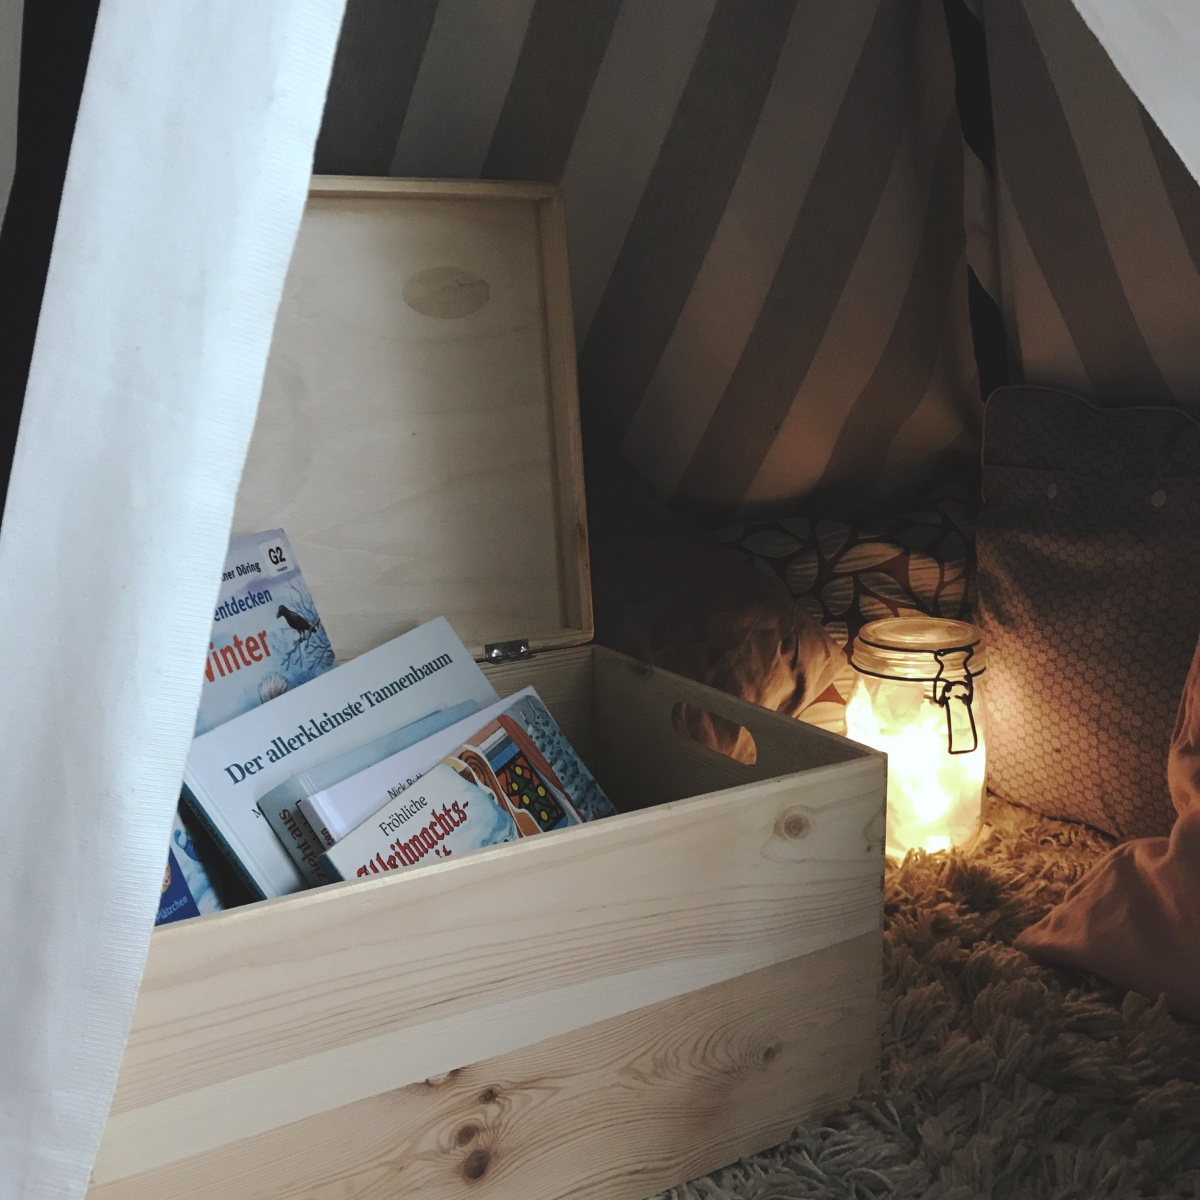 Unsere neue Advents-Tradition: Die weihnachtliche Bücherbox